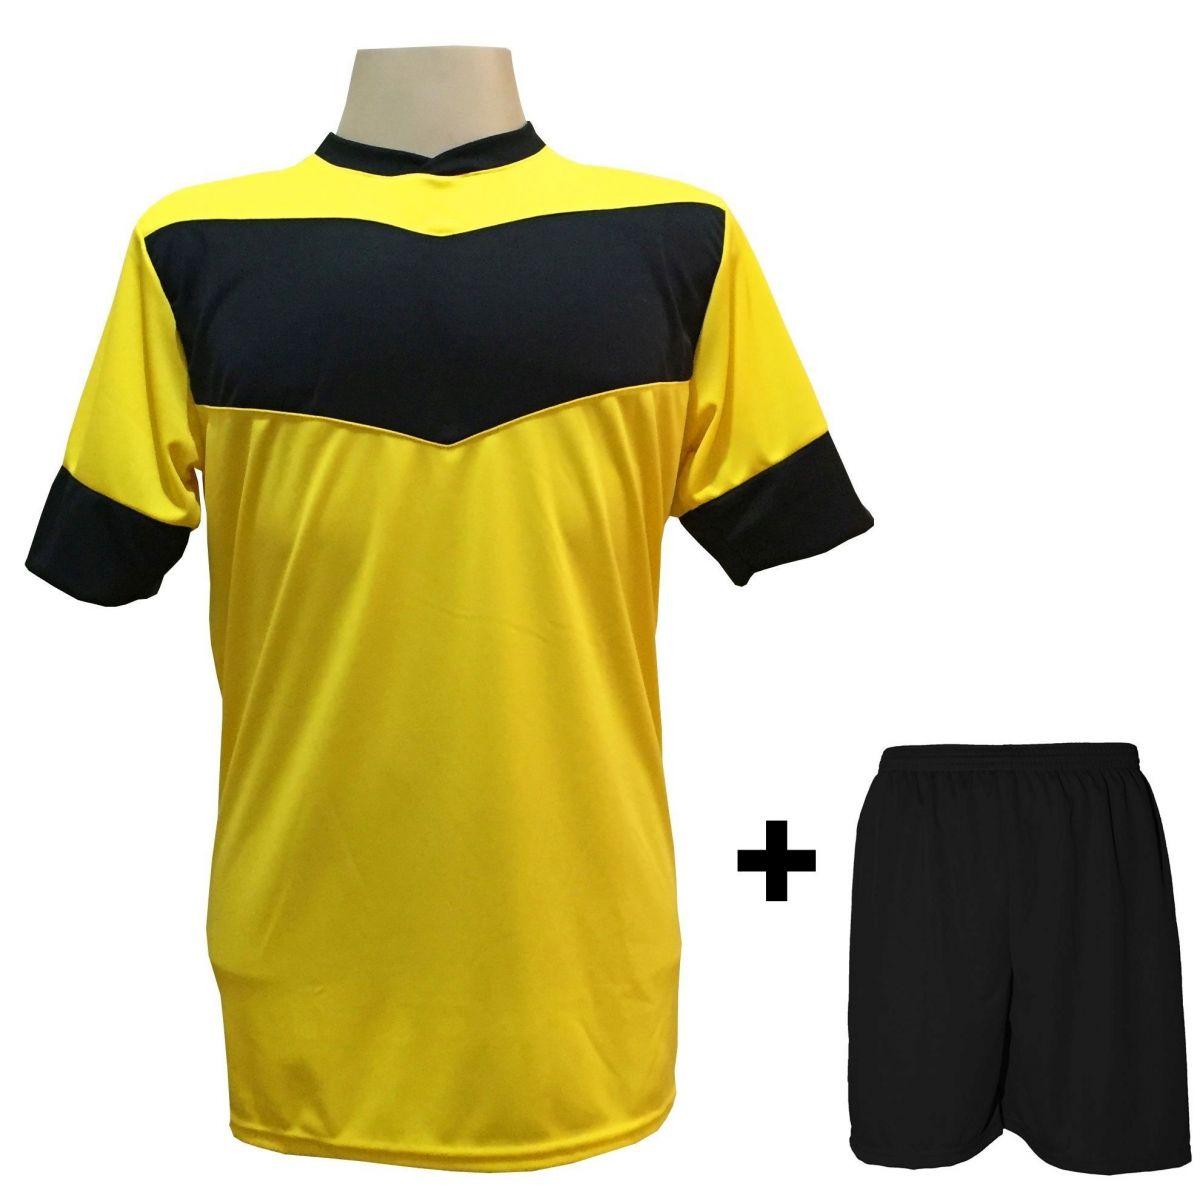 Fardamento modelo Columbus Amarelo Preto 18+1 (18 camisas + 18 calções + 1  conjunto de goleiro) - Frete Grátis Brasil + Brindes bb56a5ed8ce75